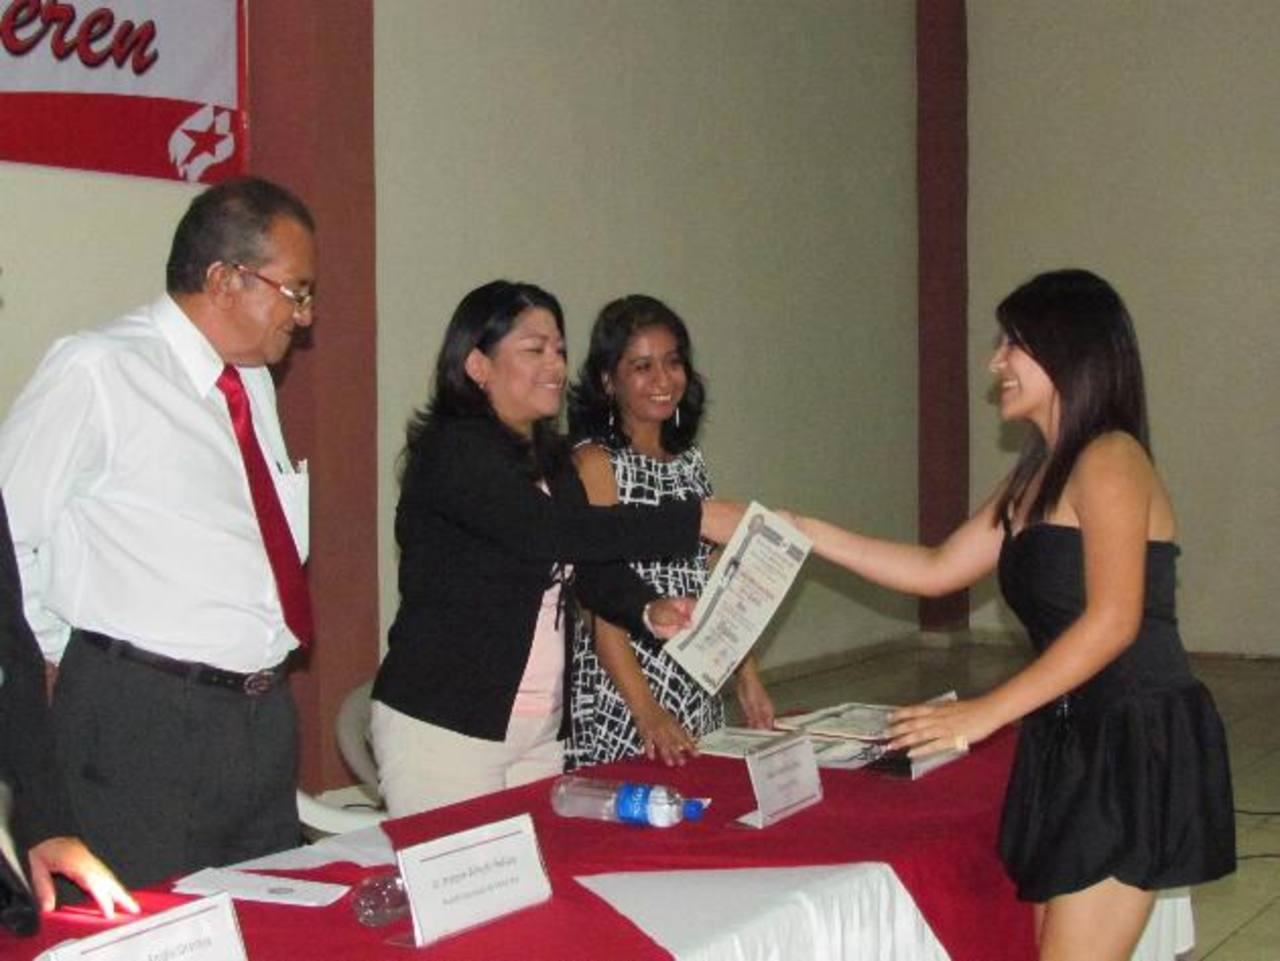 Con el proyecto se beneficia a la ciudadanía y permite la prevención de la violencia en los jóvenes. Fotos EDH / Mauricio Guevara